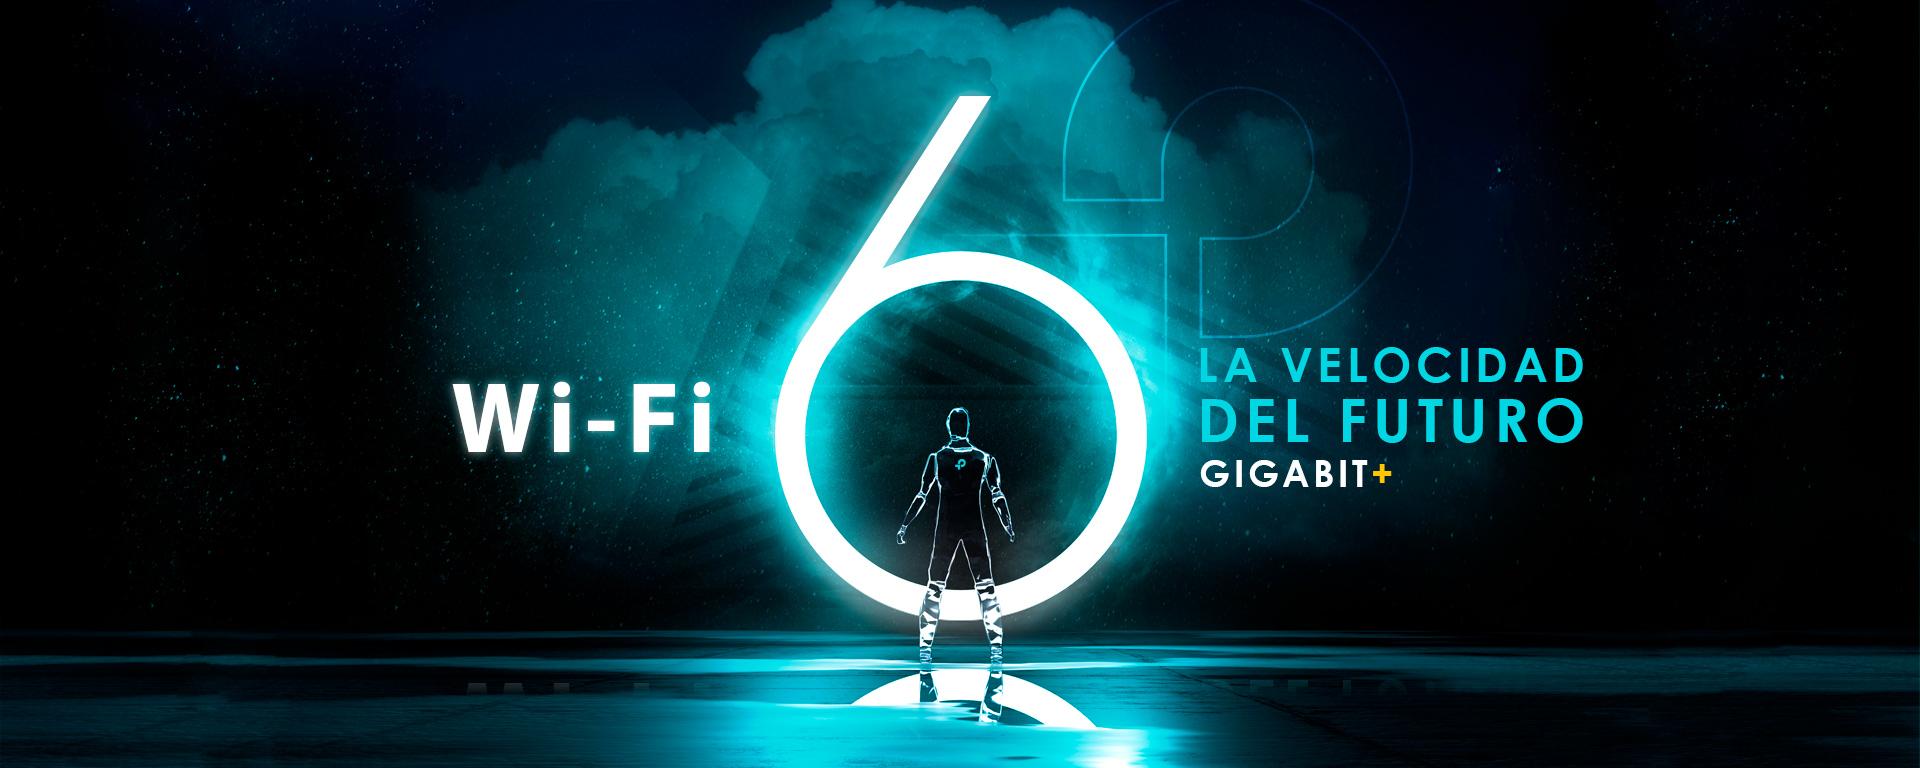 ¿Qué es Wi-Fi 6? y ¿Cuáles son sus ventajas?